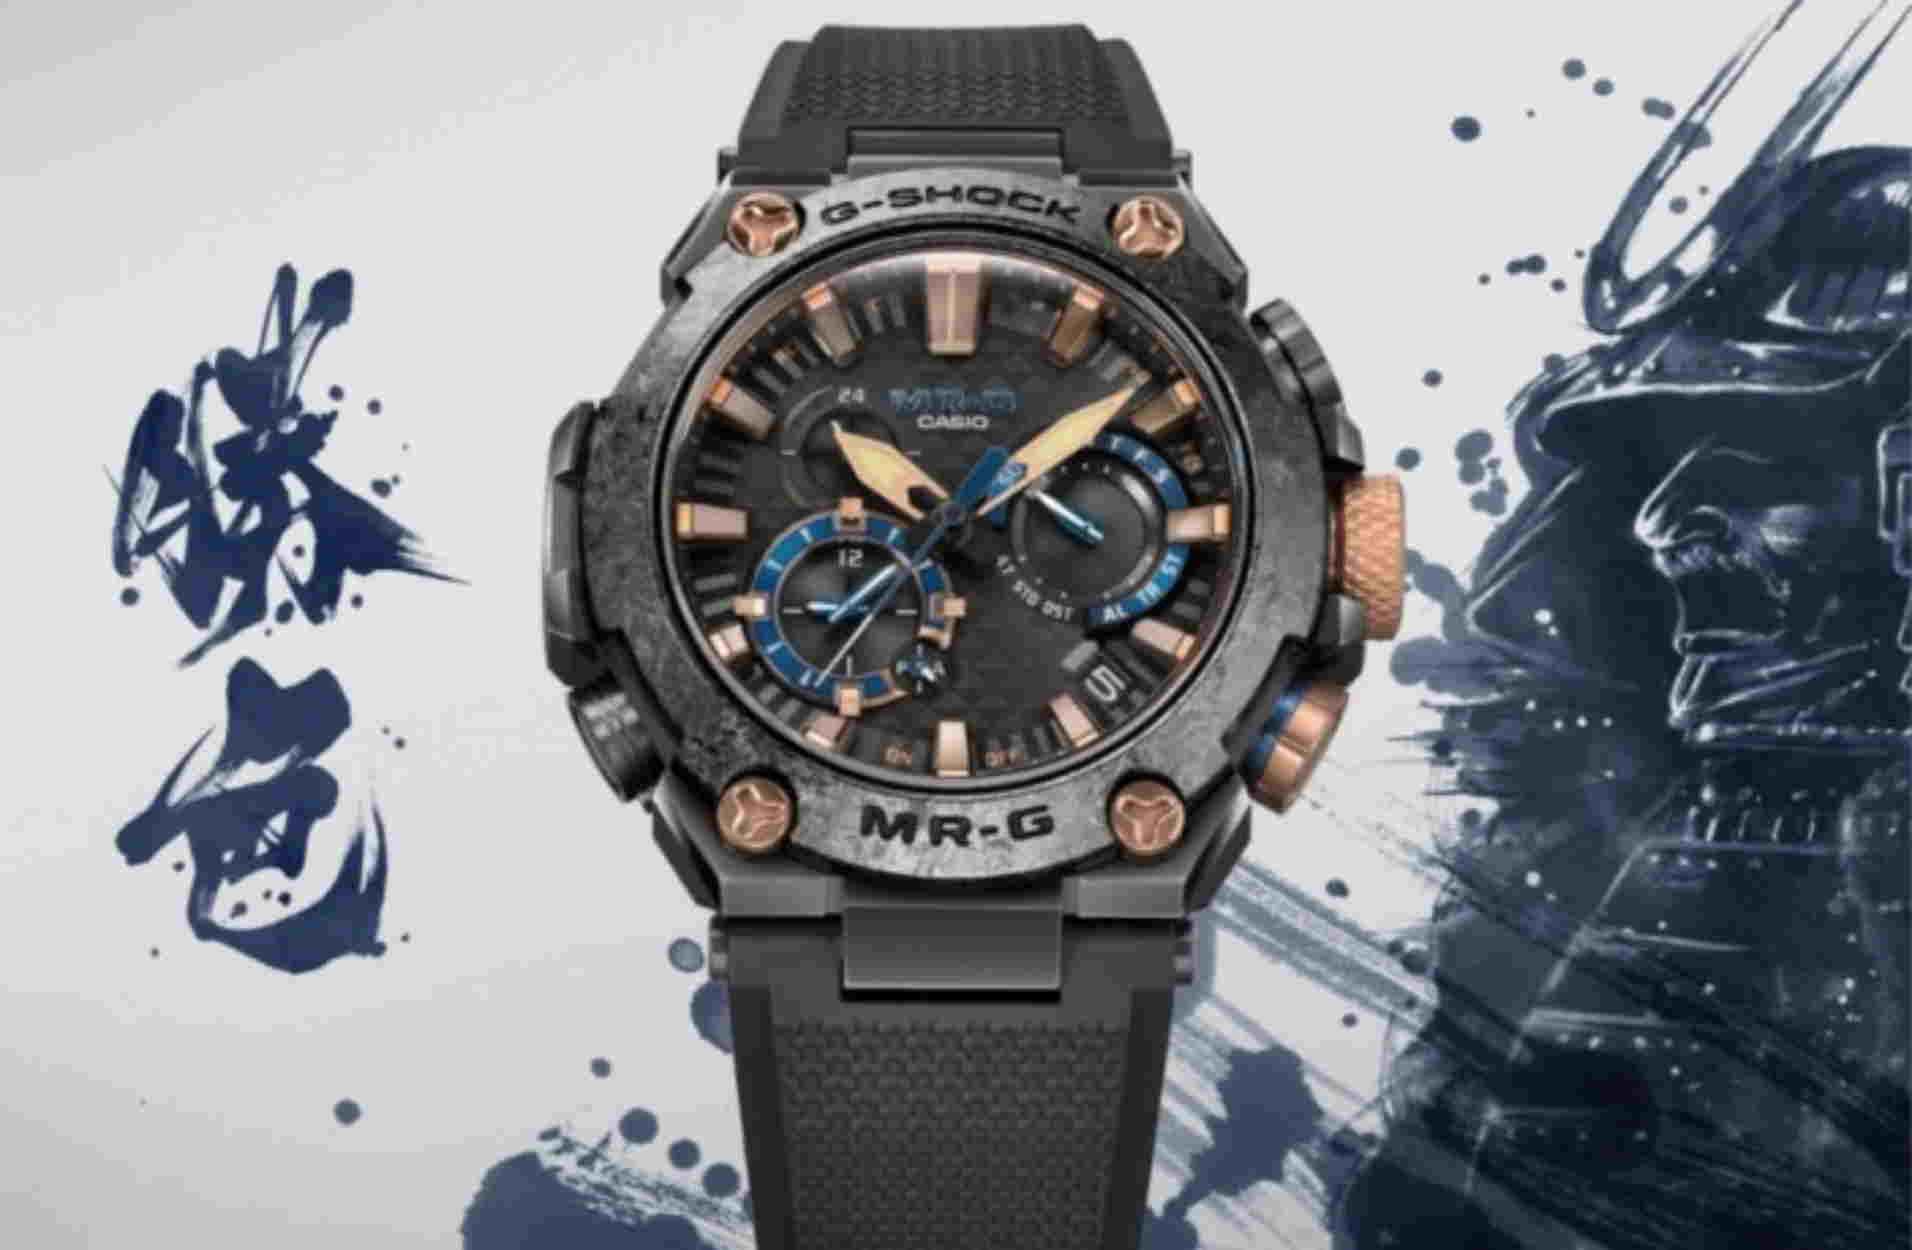 Δύο πανέμορφα ρολόγια από την G-Shock με έμπνευση τις στολές των Σαμουράι